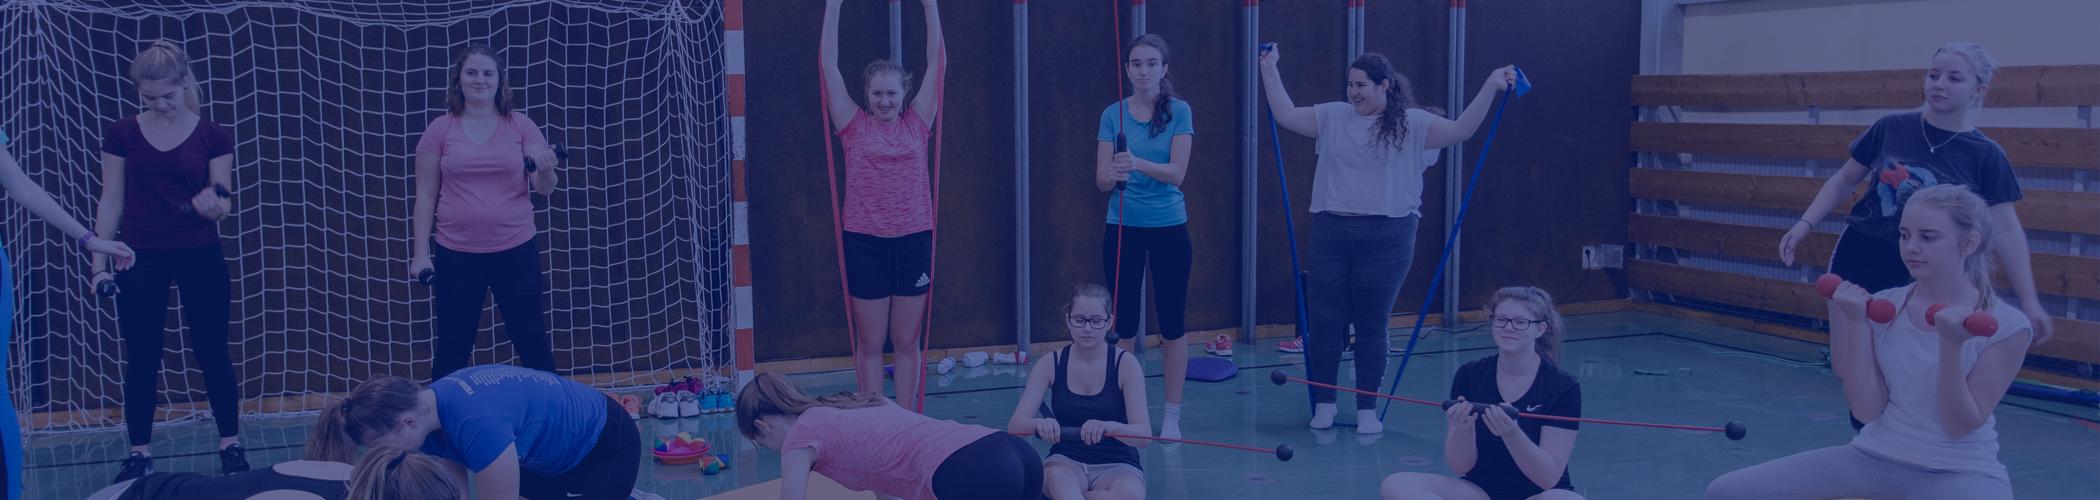 Eine Gruppe von Schülerinnen macht Turnübungen.